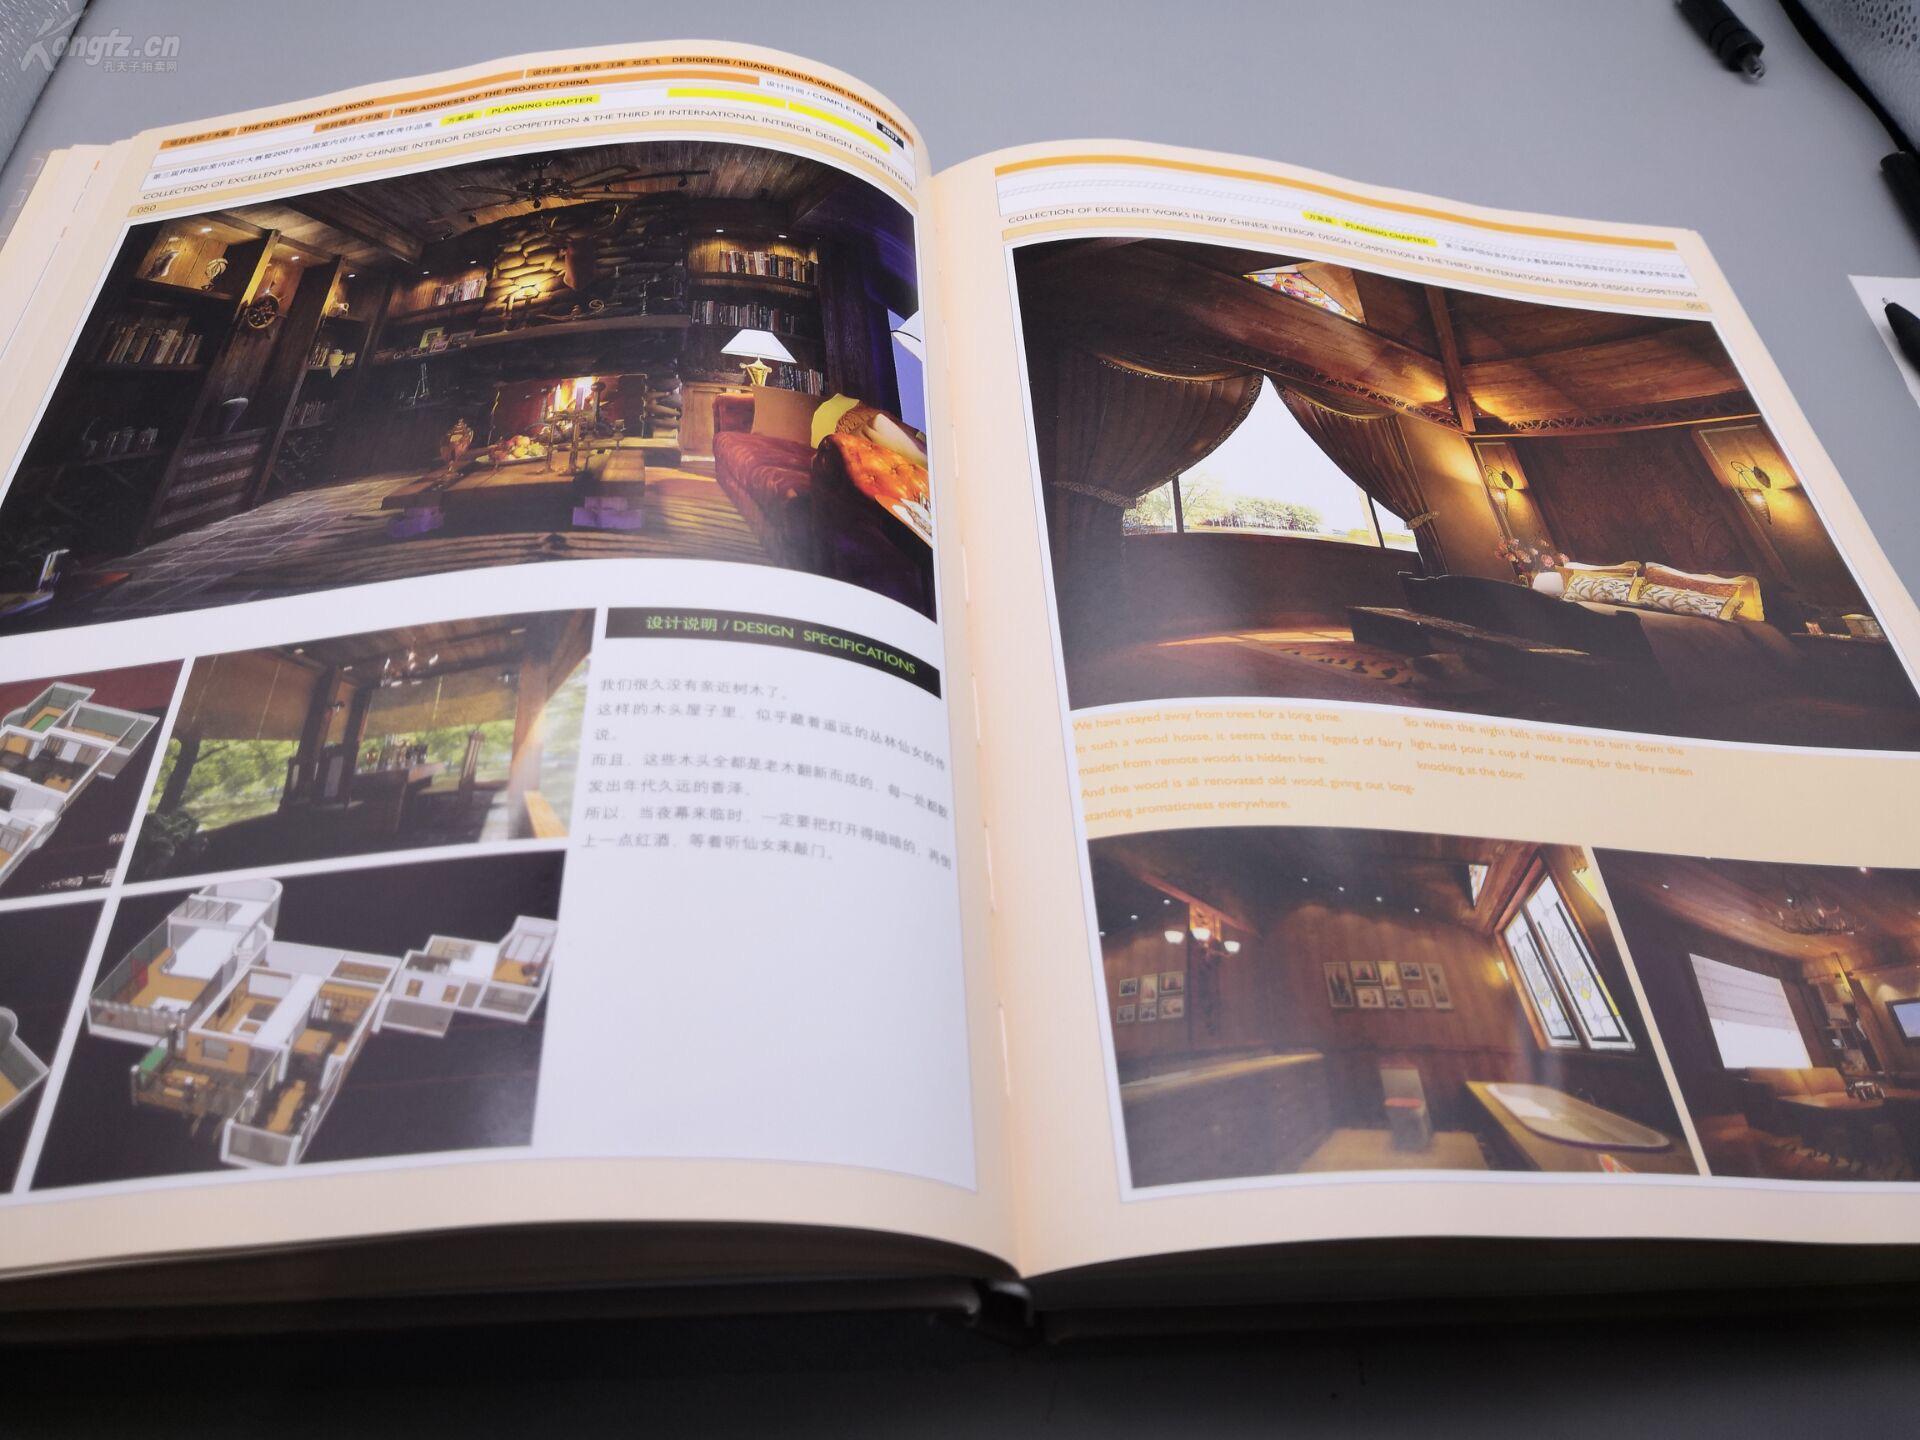 《第三届住宅室内设计v住宅国际宽度别墅》精广联达中怎么绘制板的公寓图片